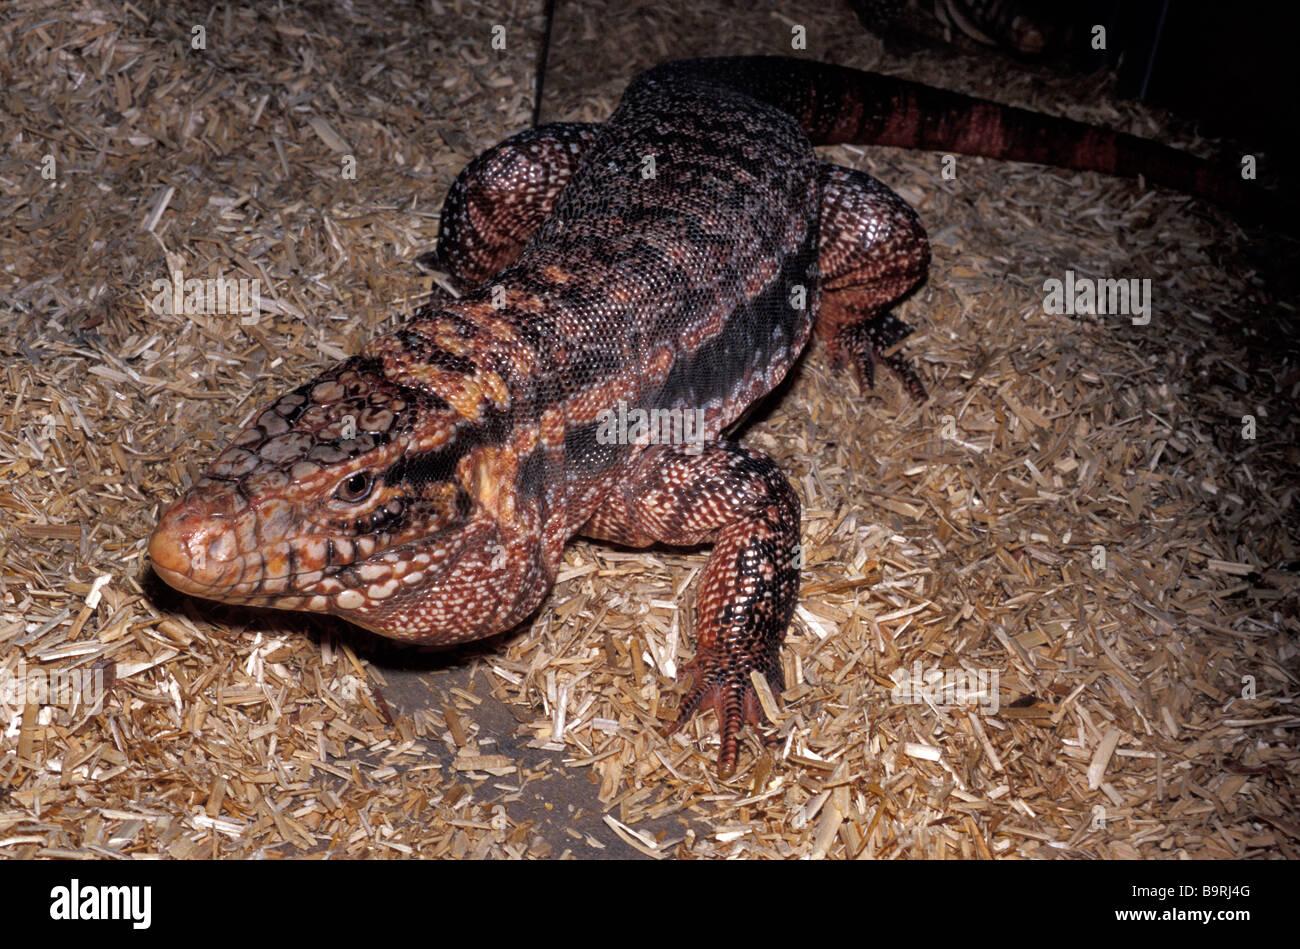 Tupinambis Rufescens Stock Photos & Tupinambis Rufescens